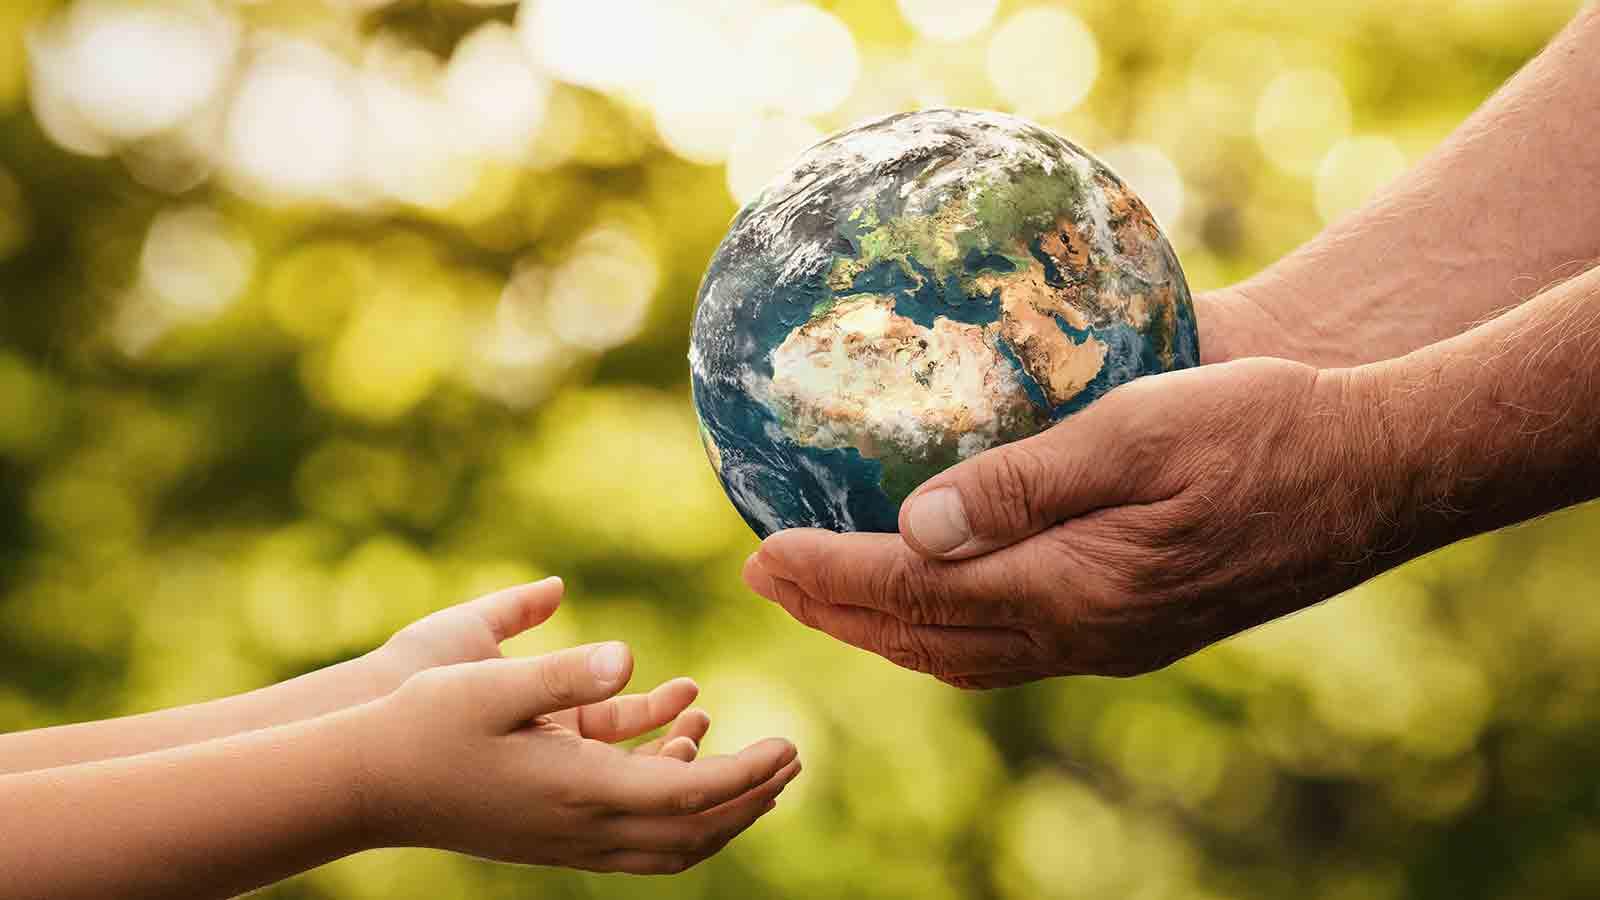 El planeta Tierra es nuestro hogar ¡Aprendamos a cuidarla!